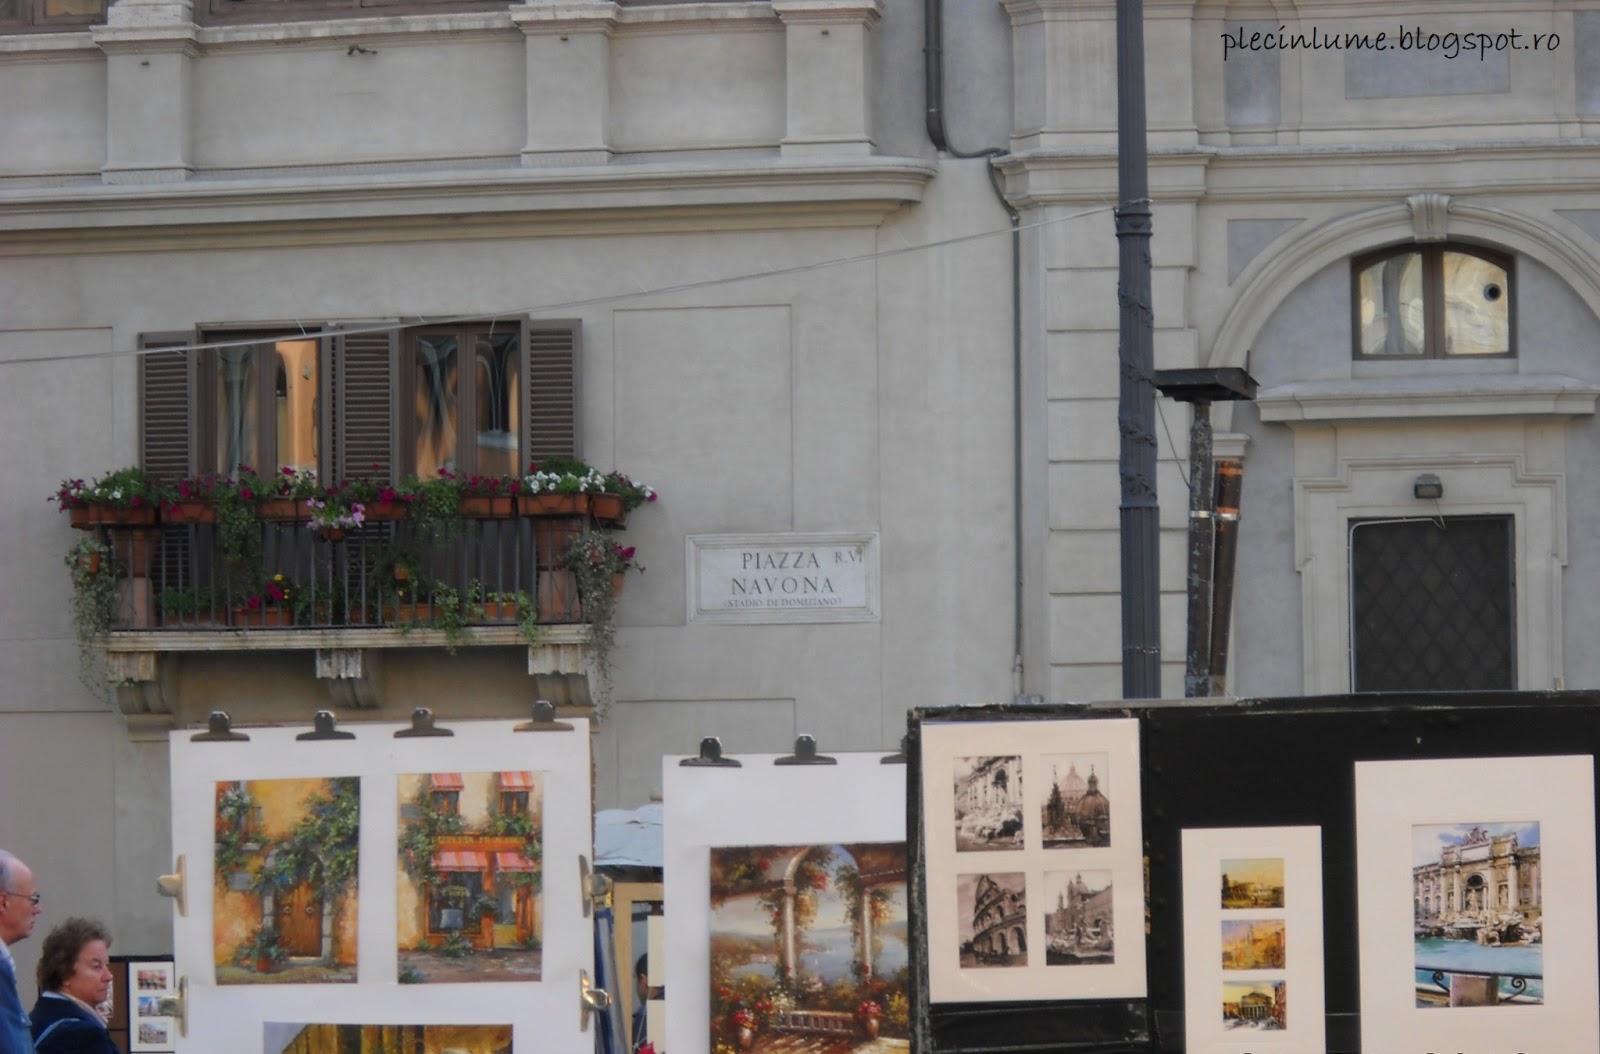 Artisti in Piazza Navona